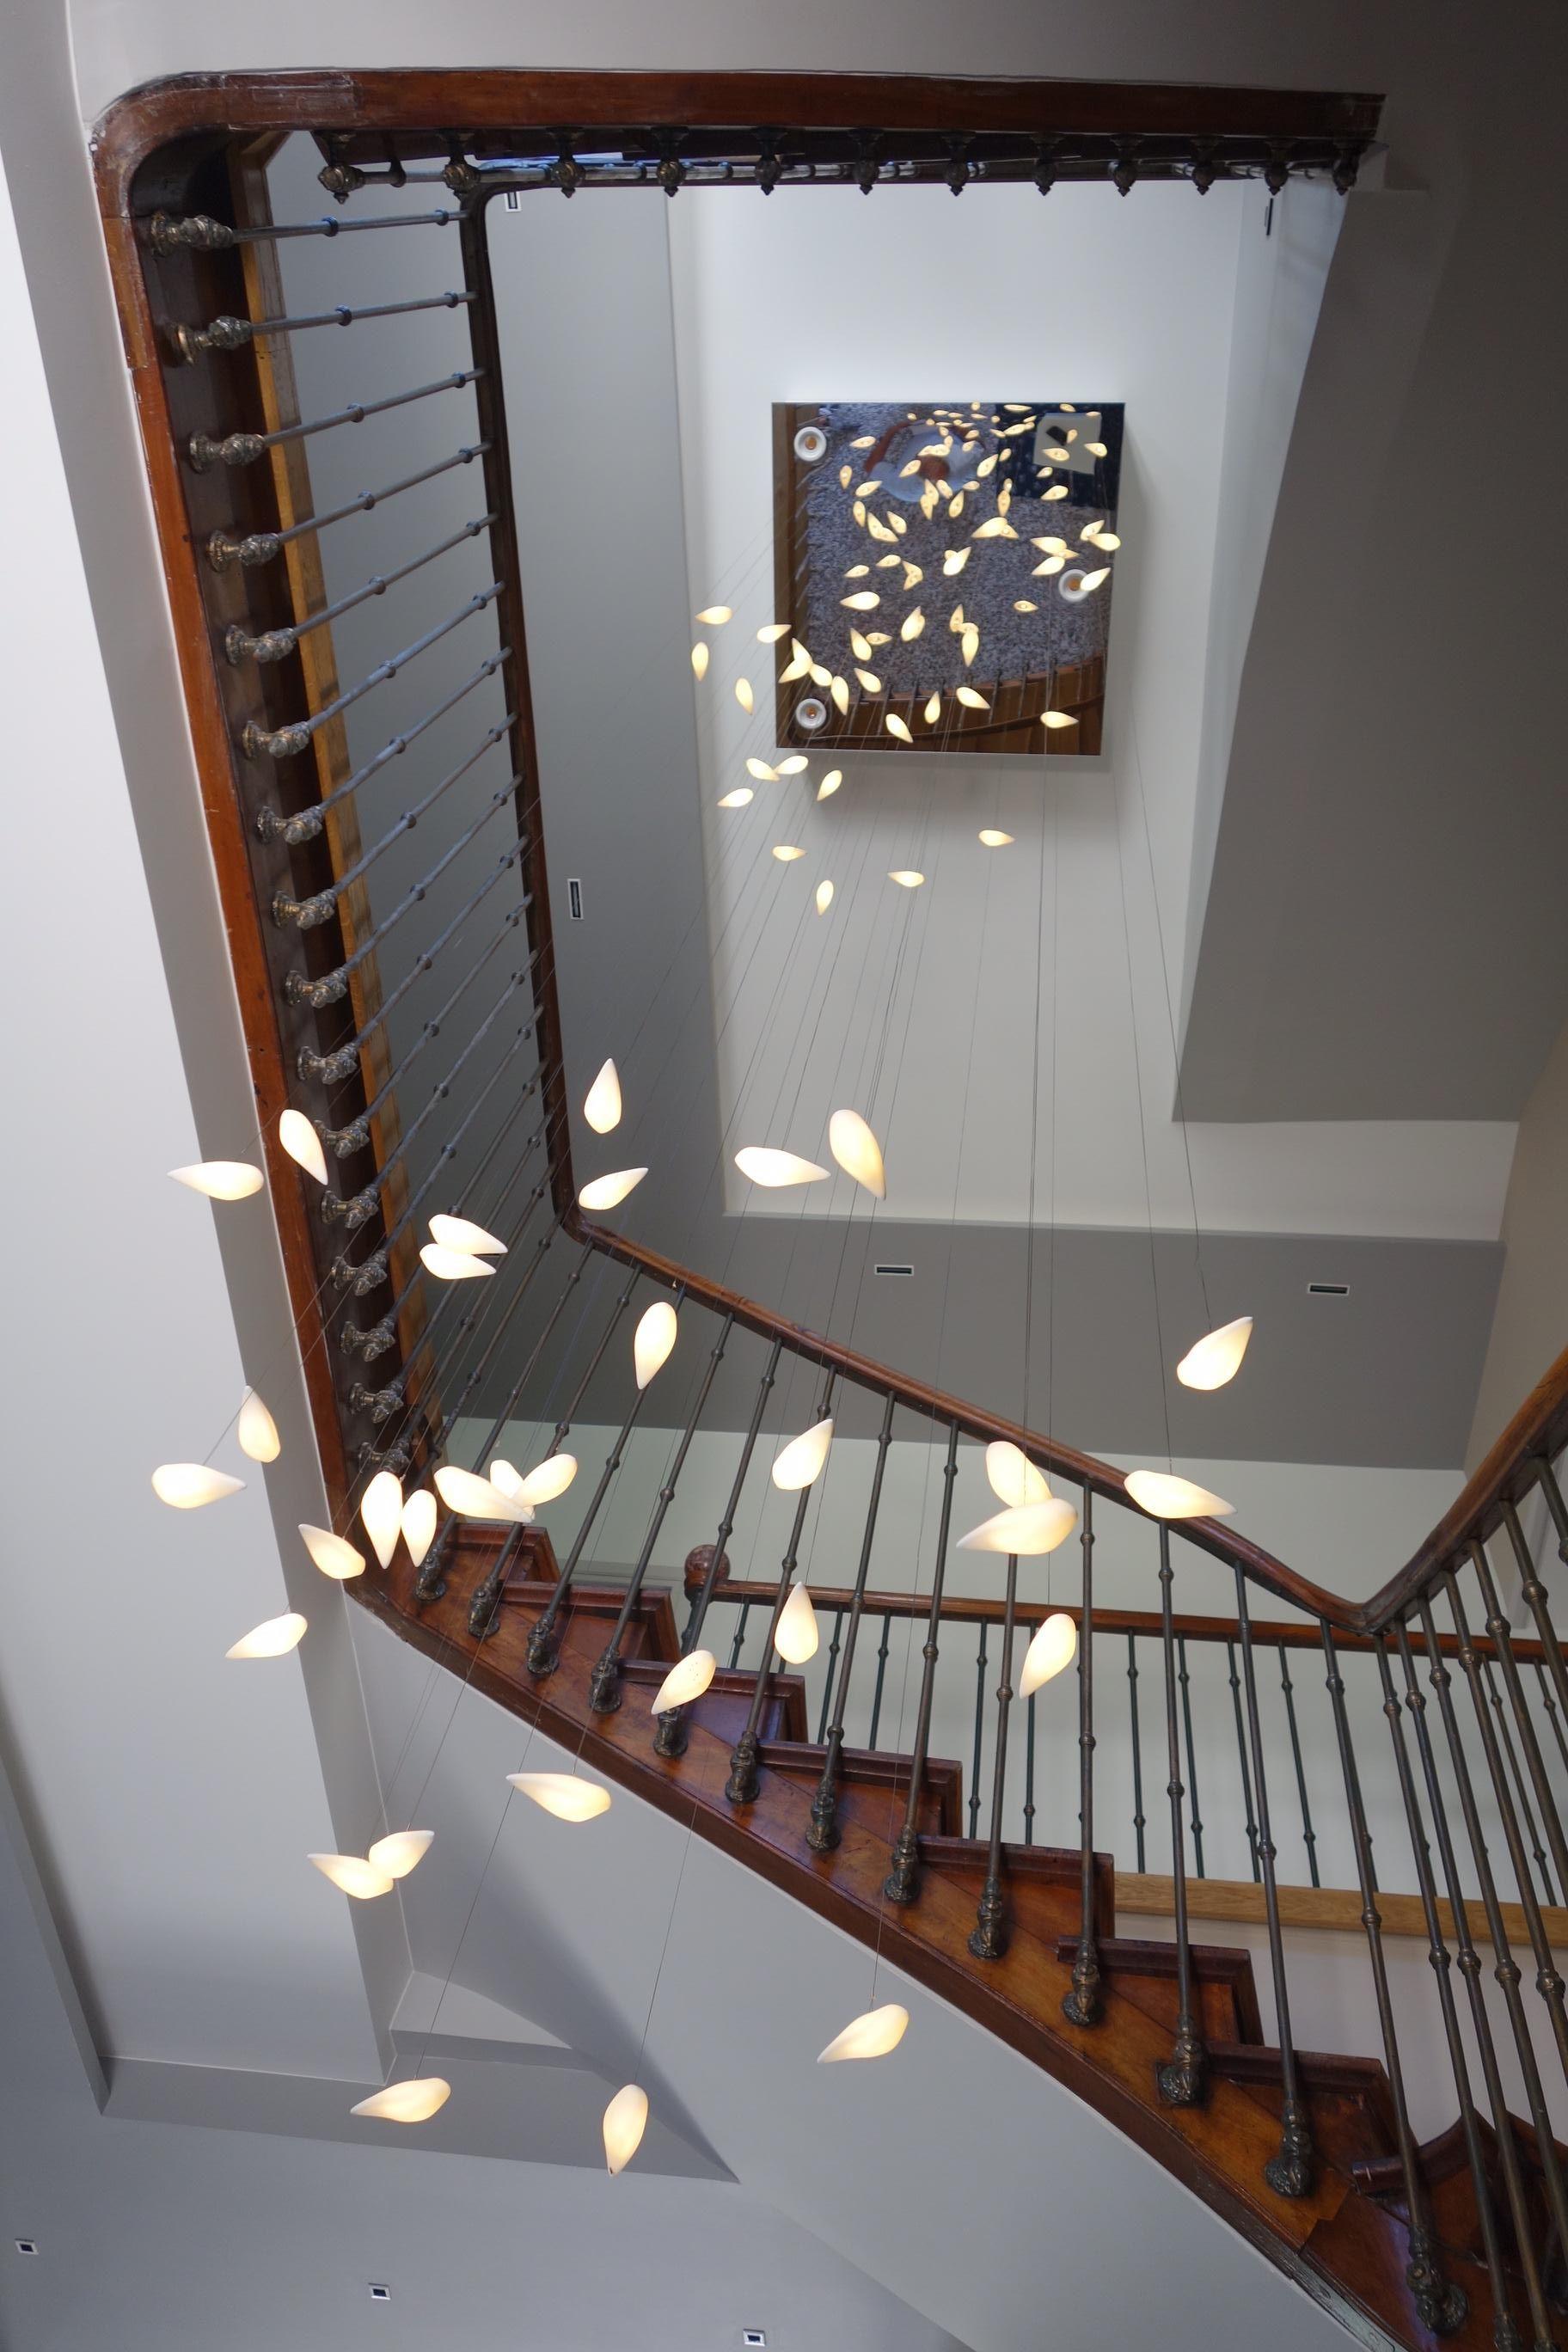 installation sur mesure dans une cage d escalier a 7m de haut lights beauetbien design